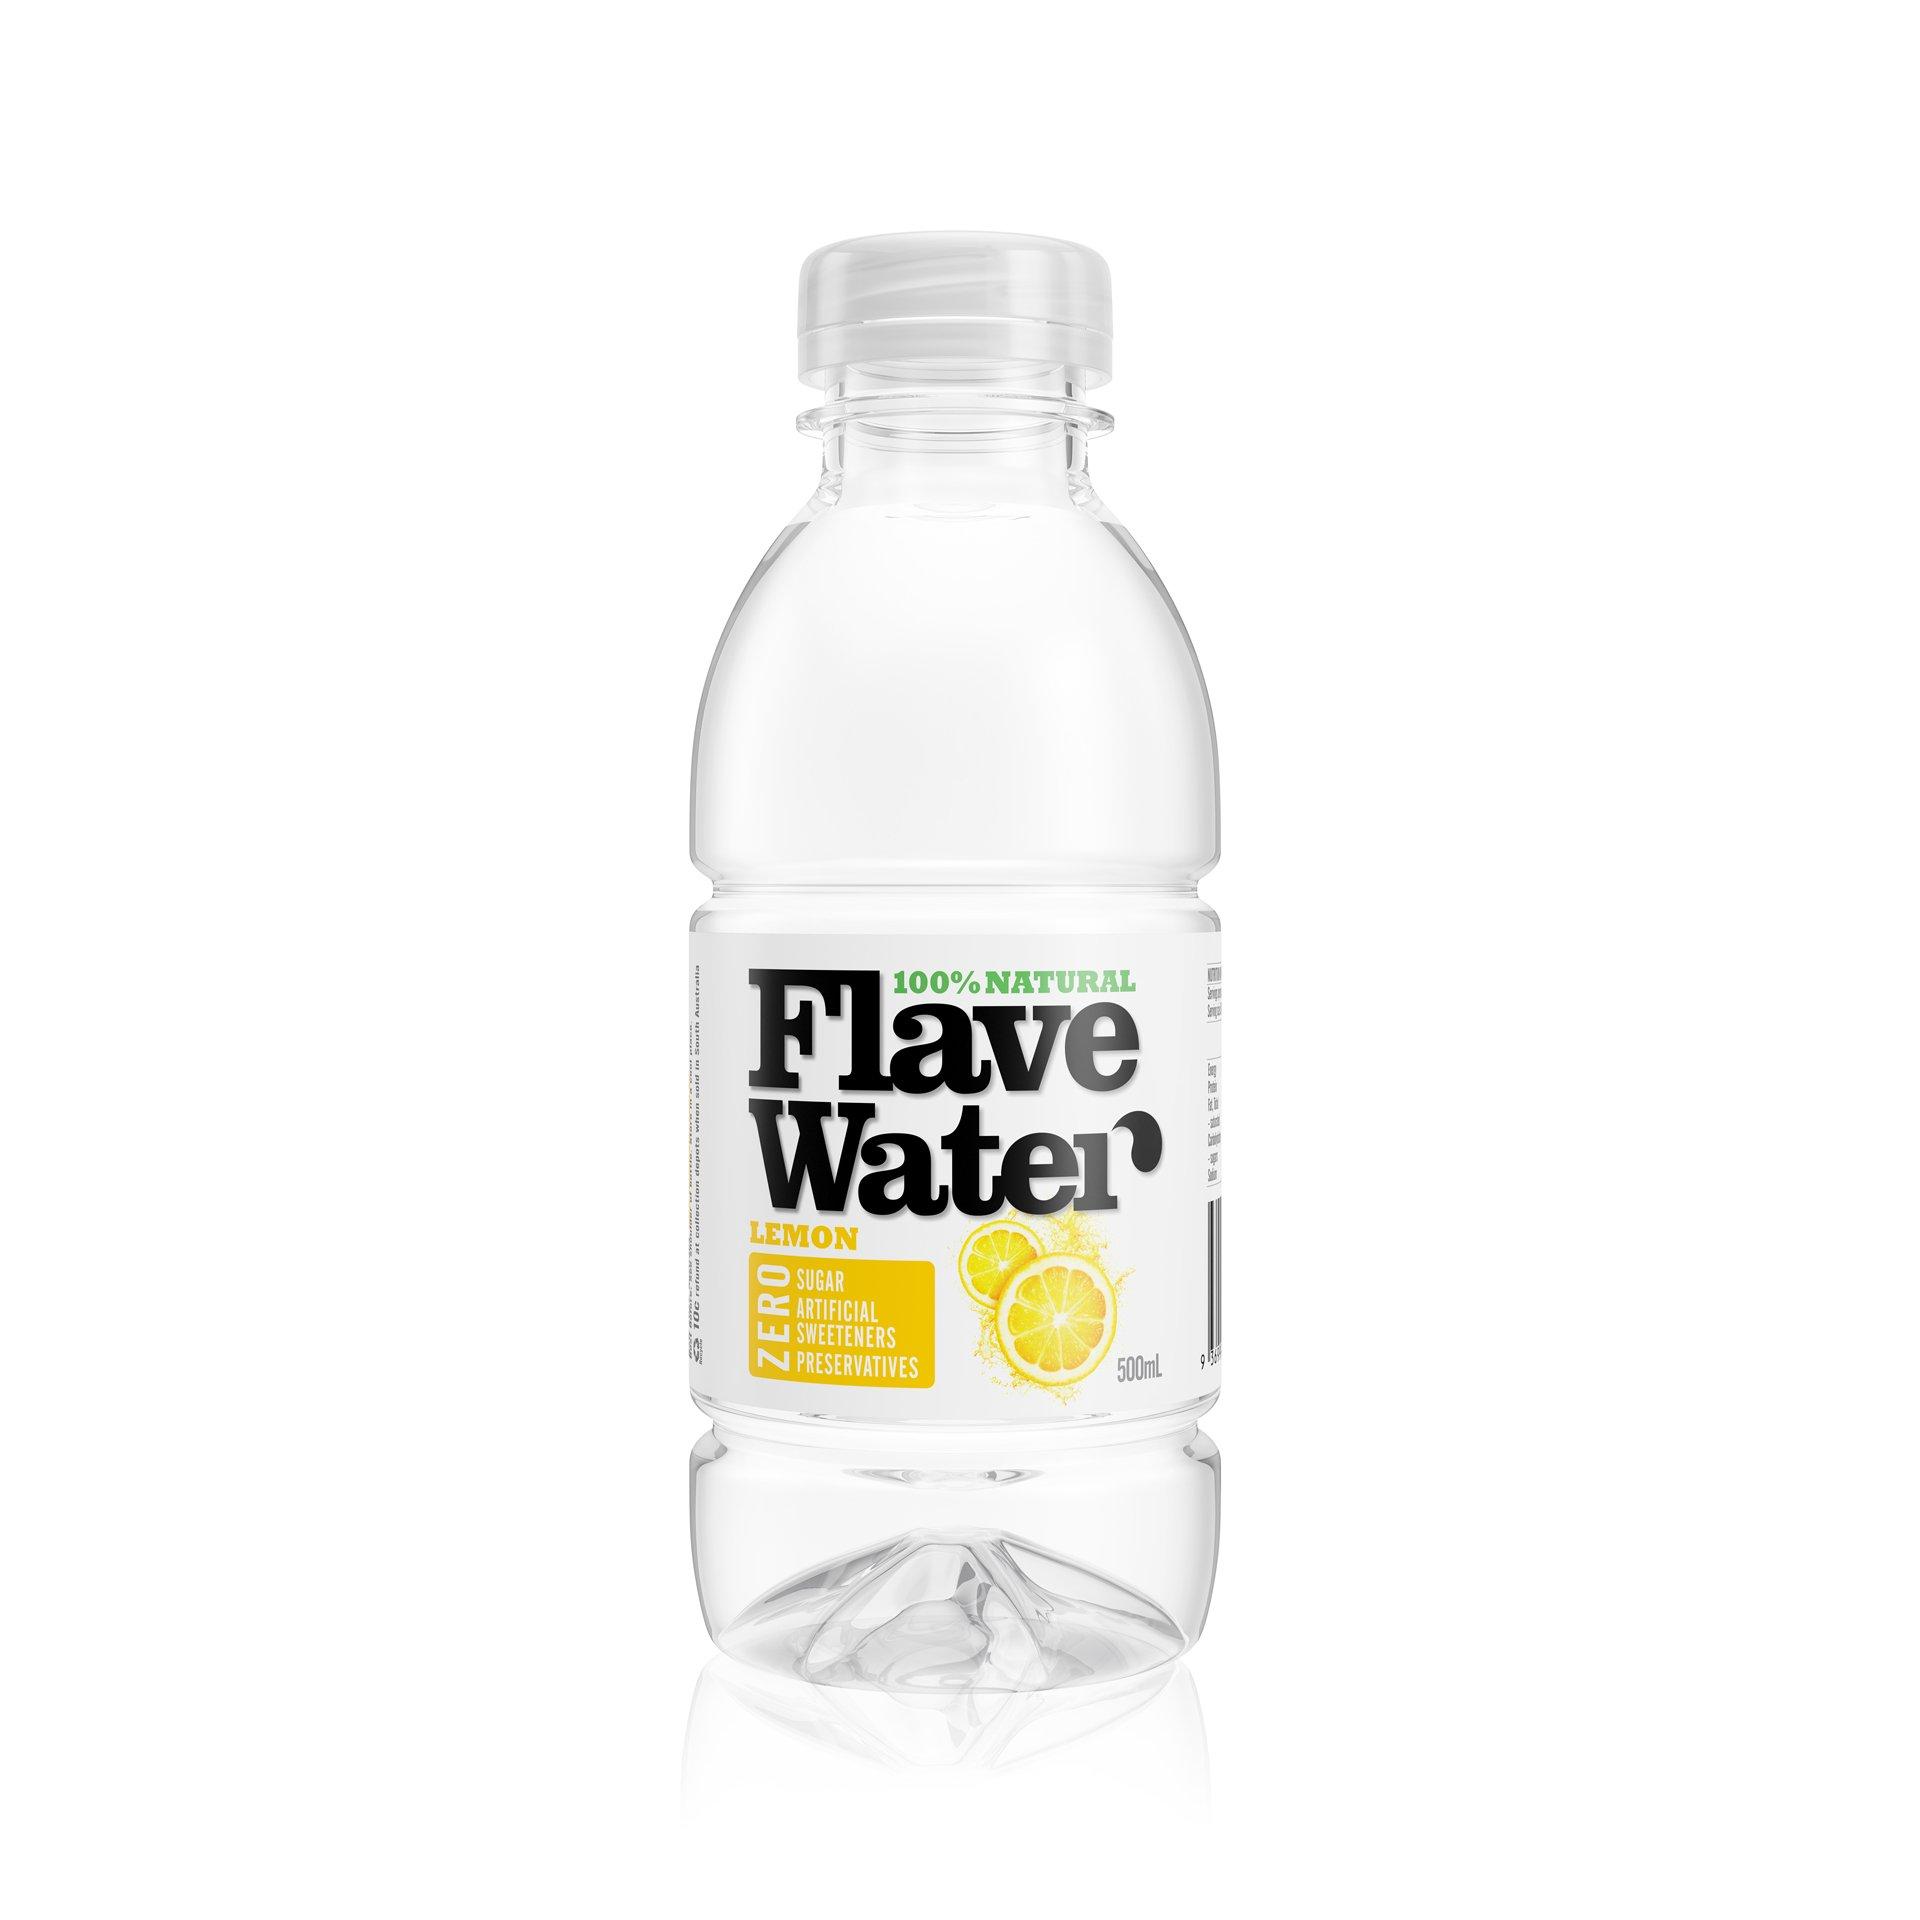 FlaveWater lemon packaging